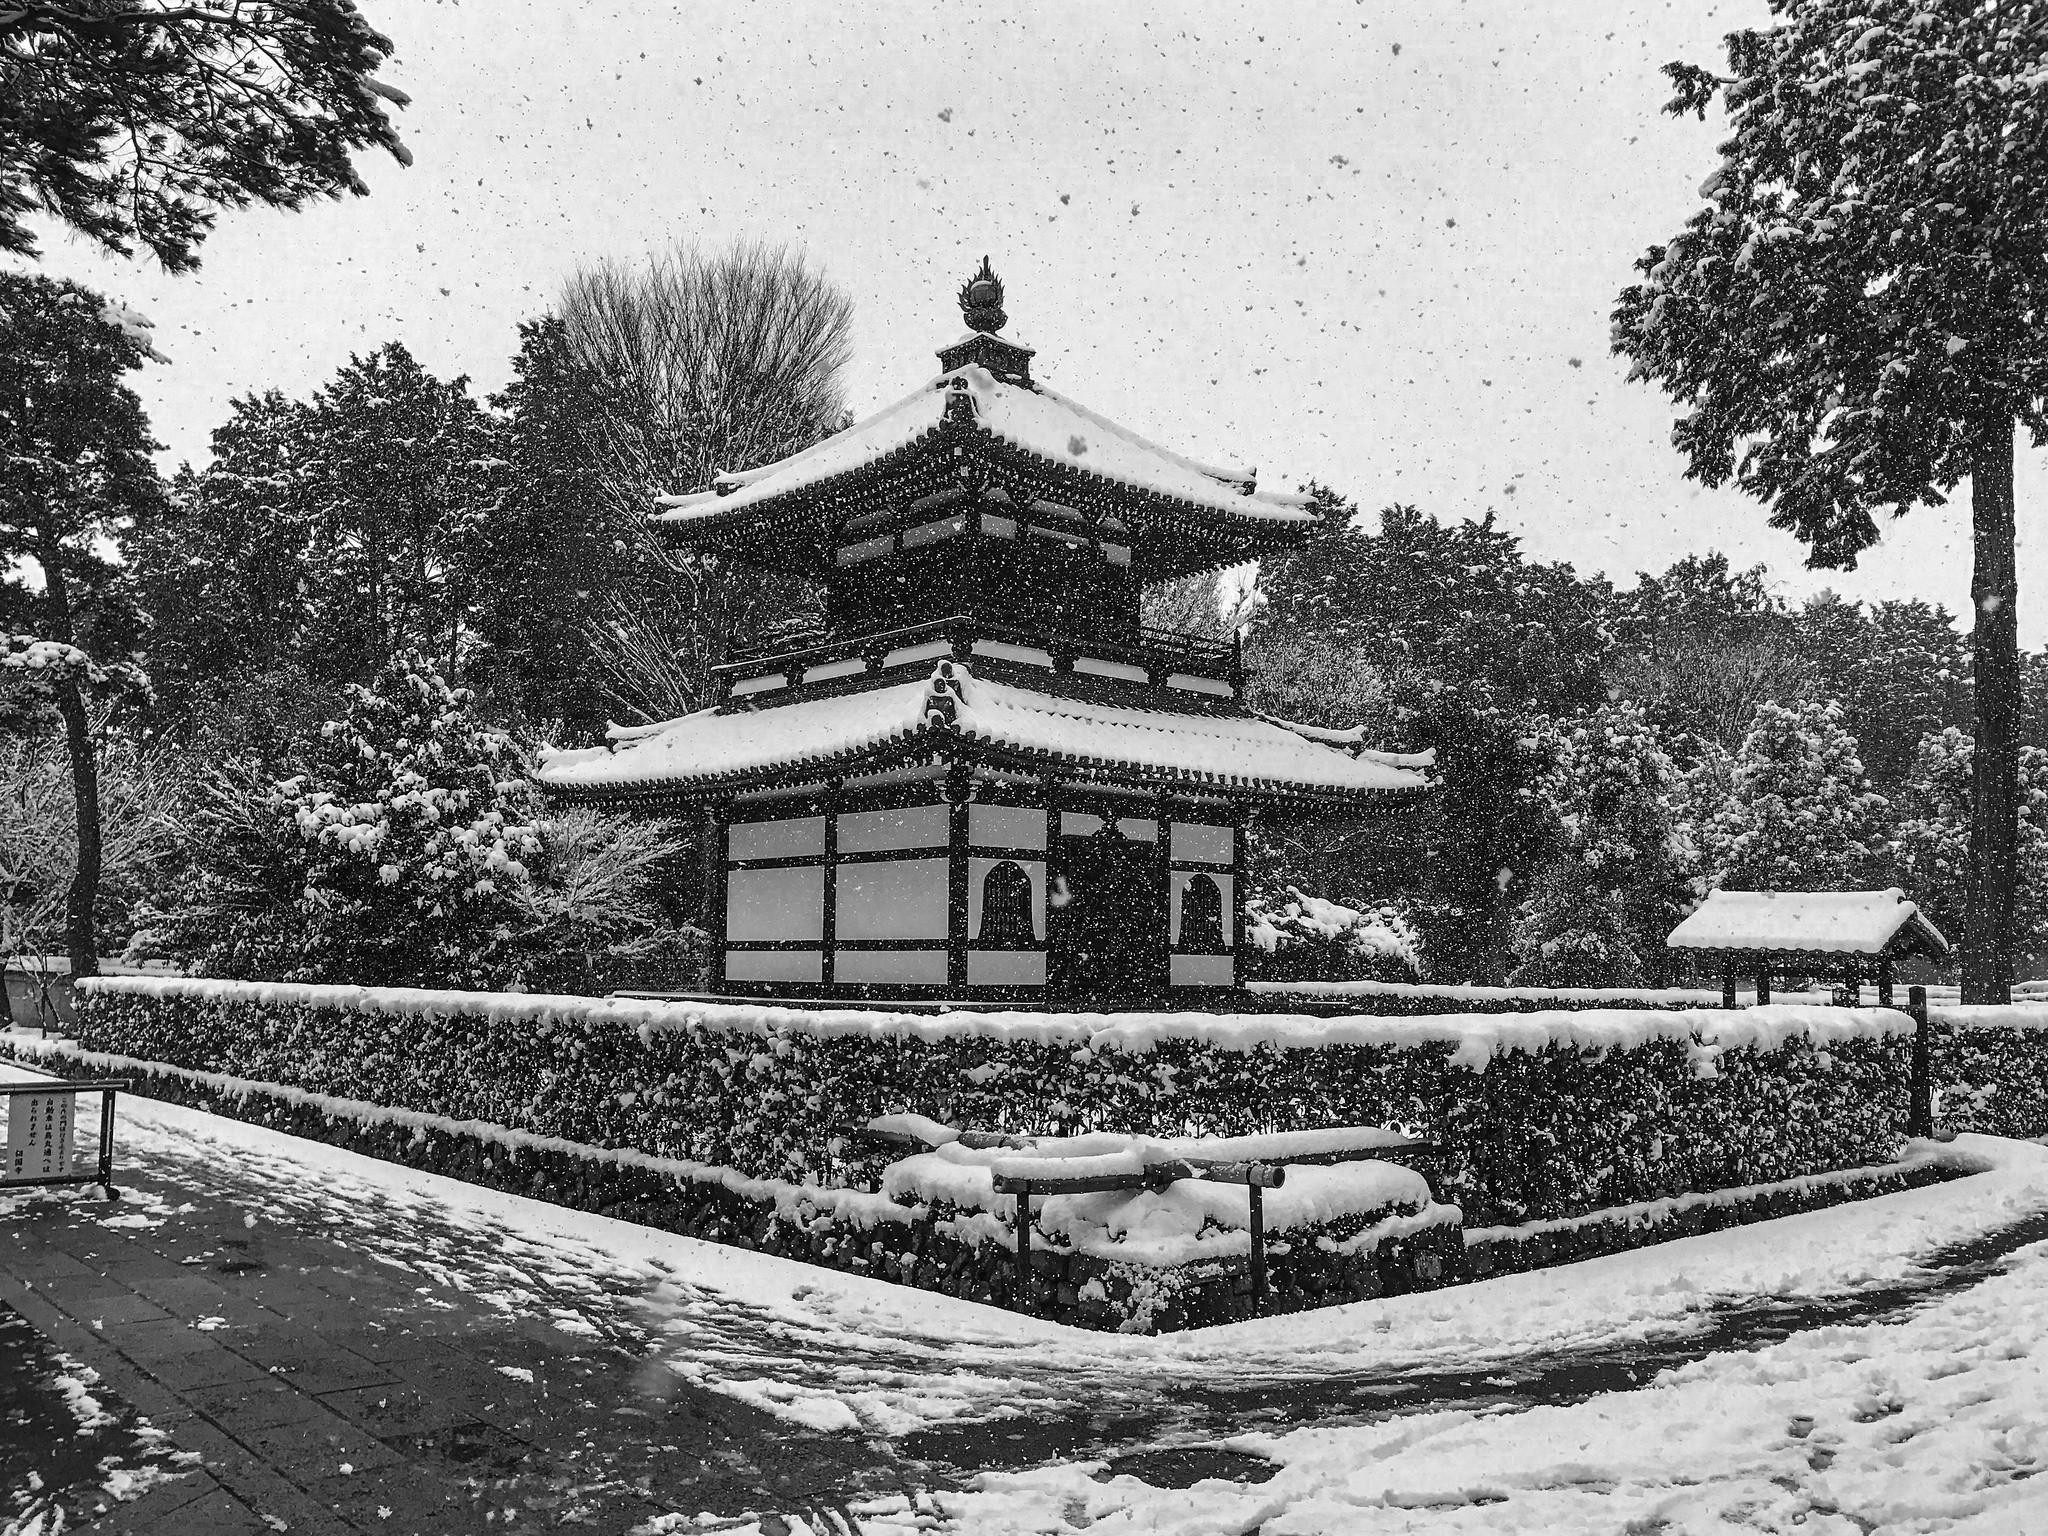 12 Haiku That Reflect on Zen Buddhism